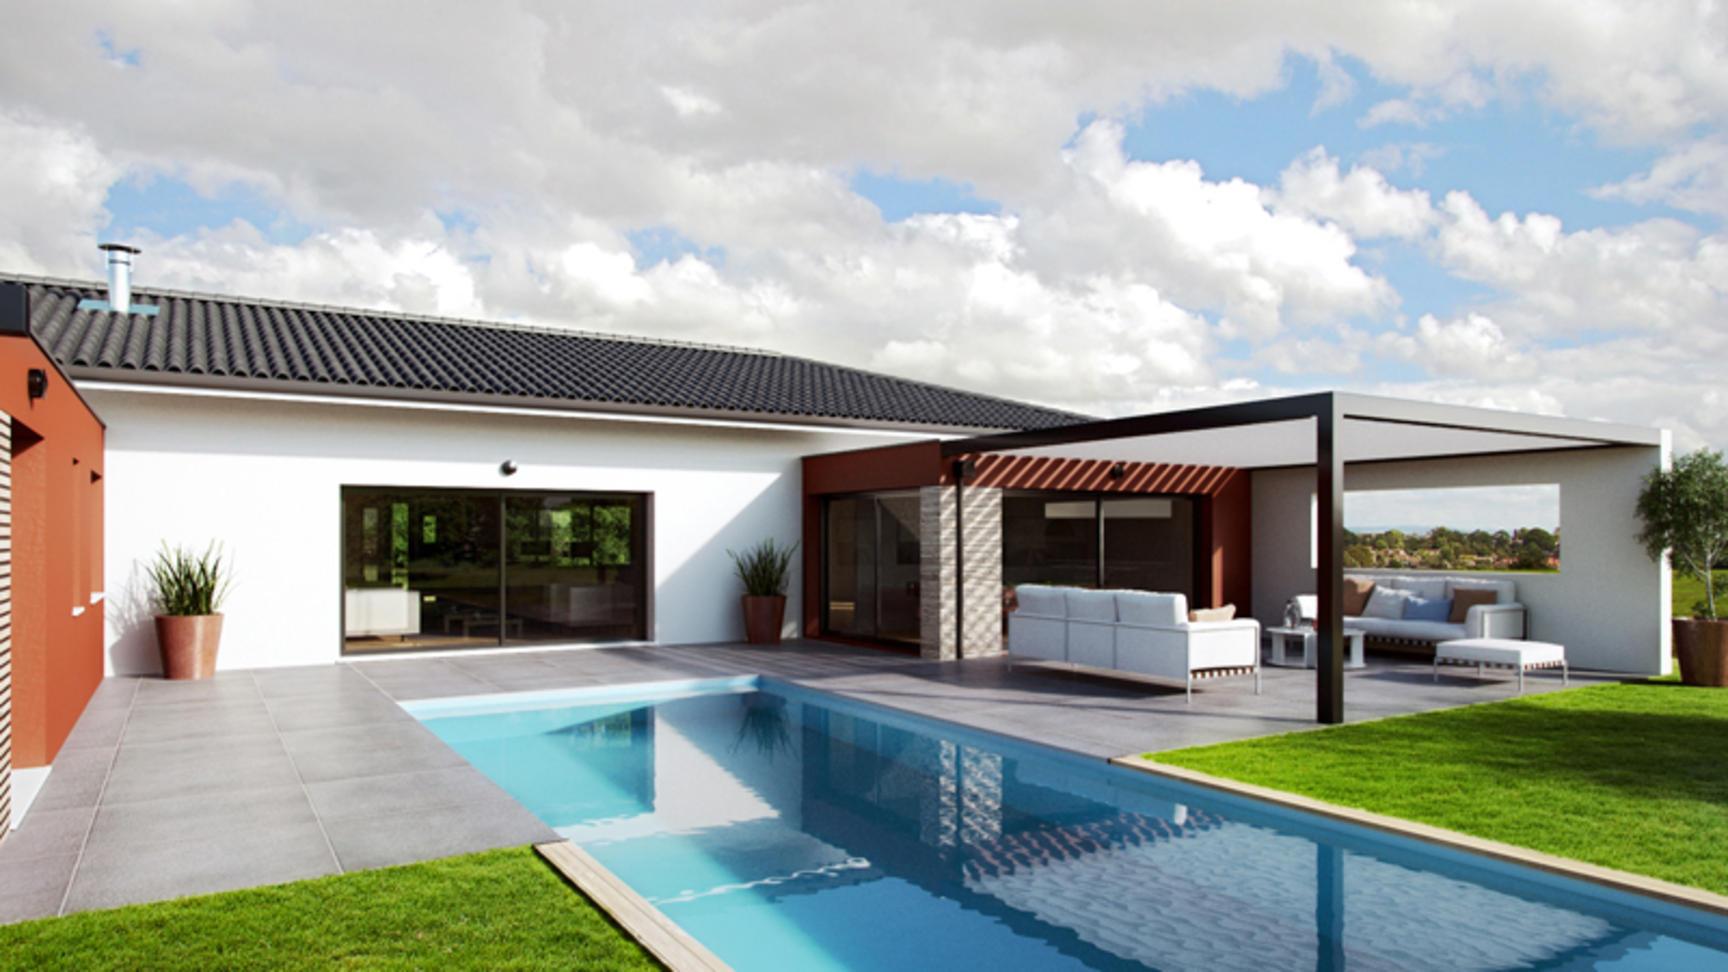 Annonce vente maison eaunes 31600 100 m 244 000 - Logiciel conception maison ...